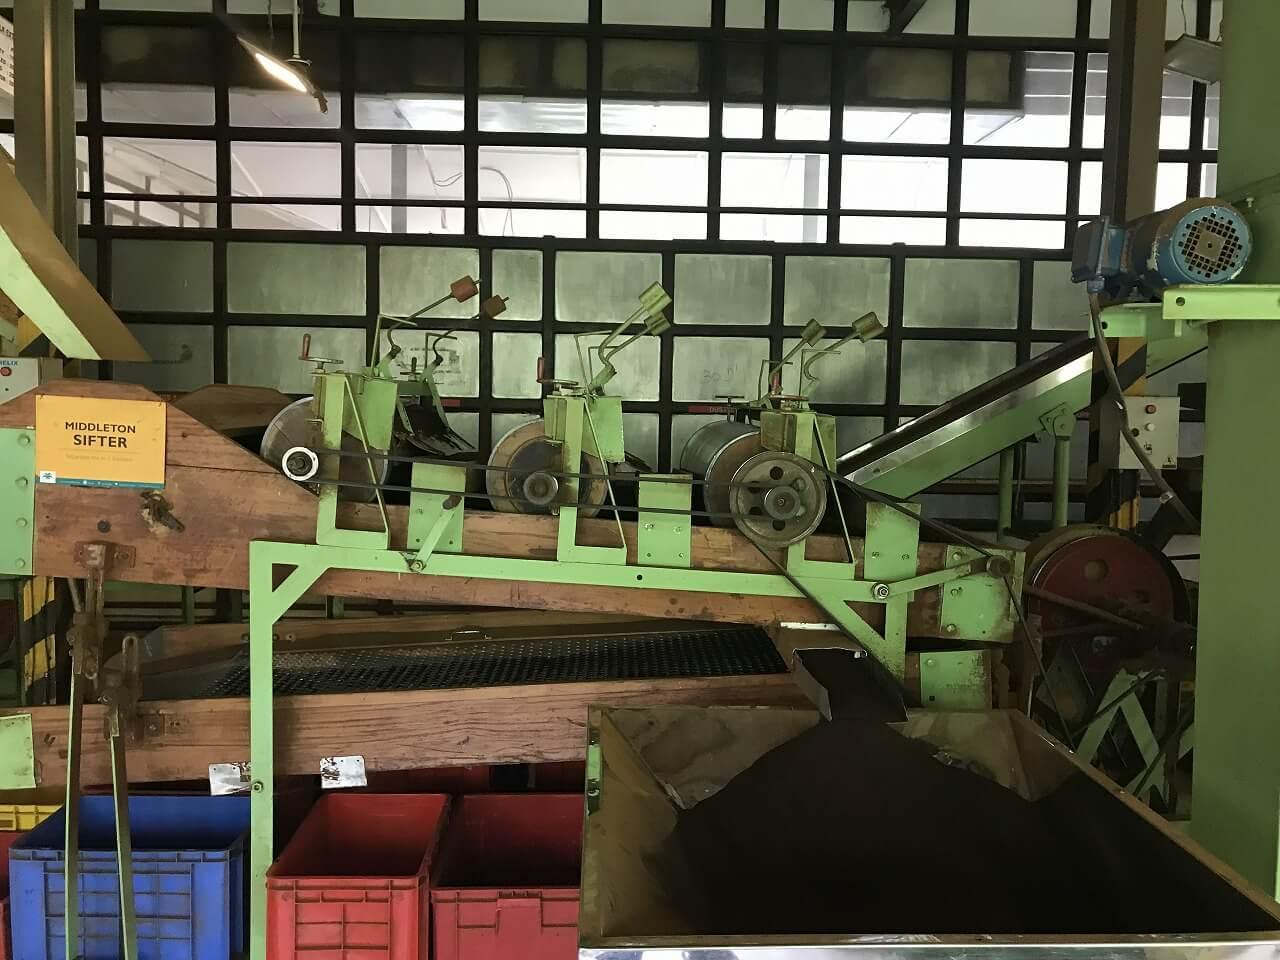 「セイロン紅茶」の国・スリランカ 11紅茶工場